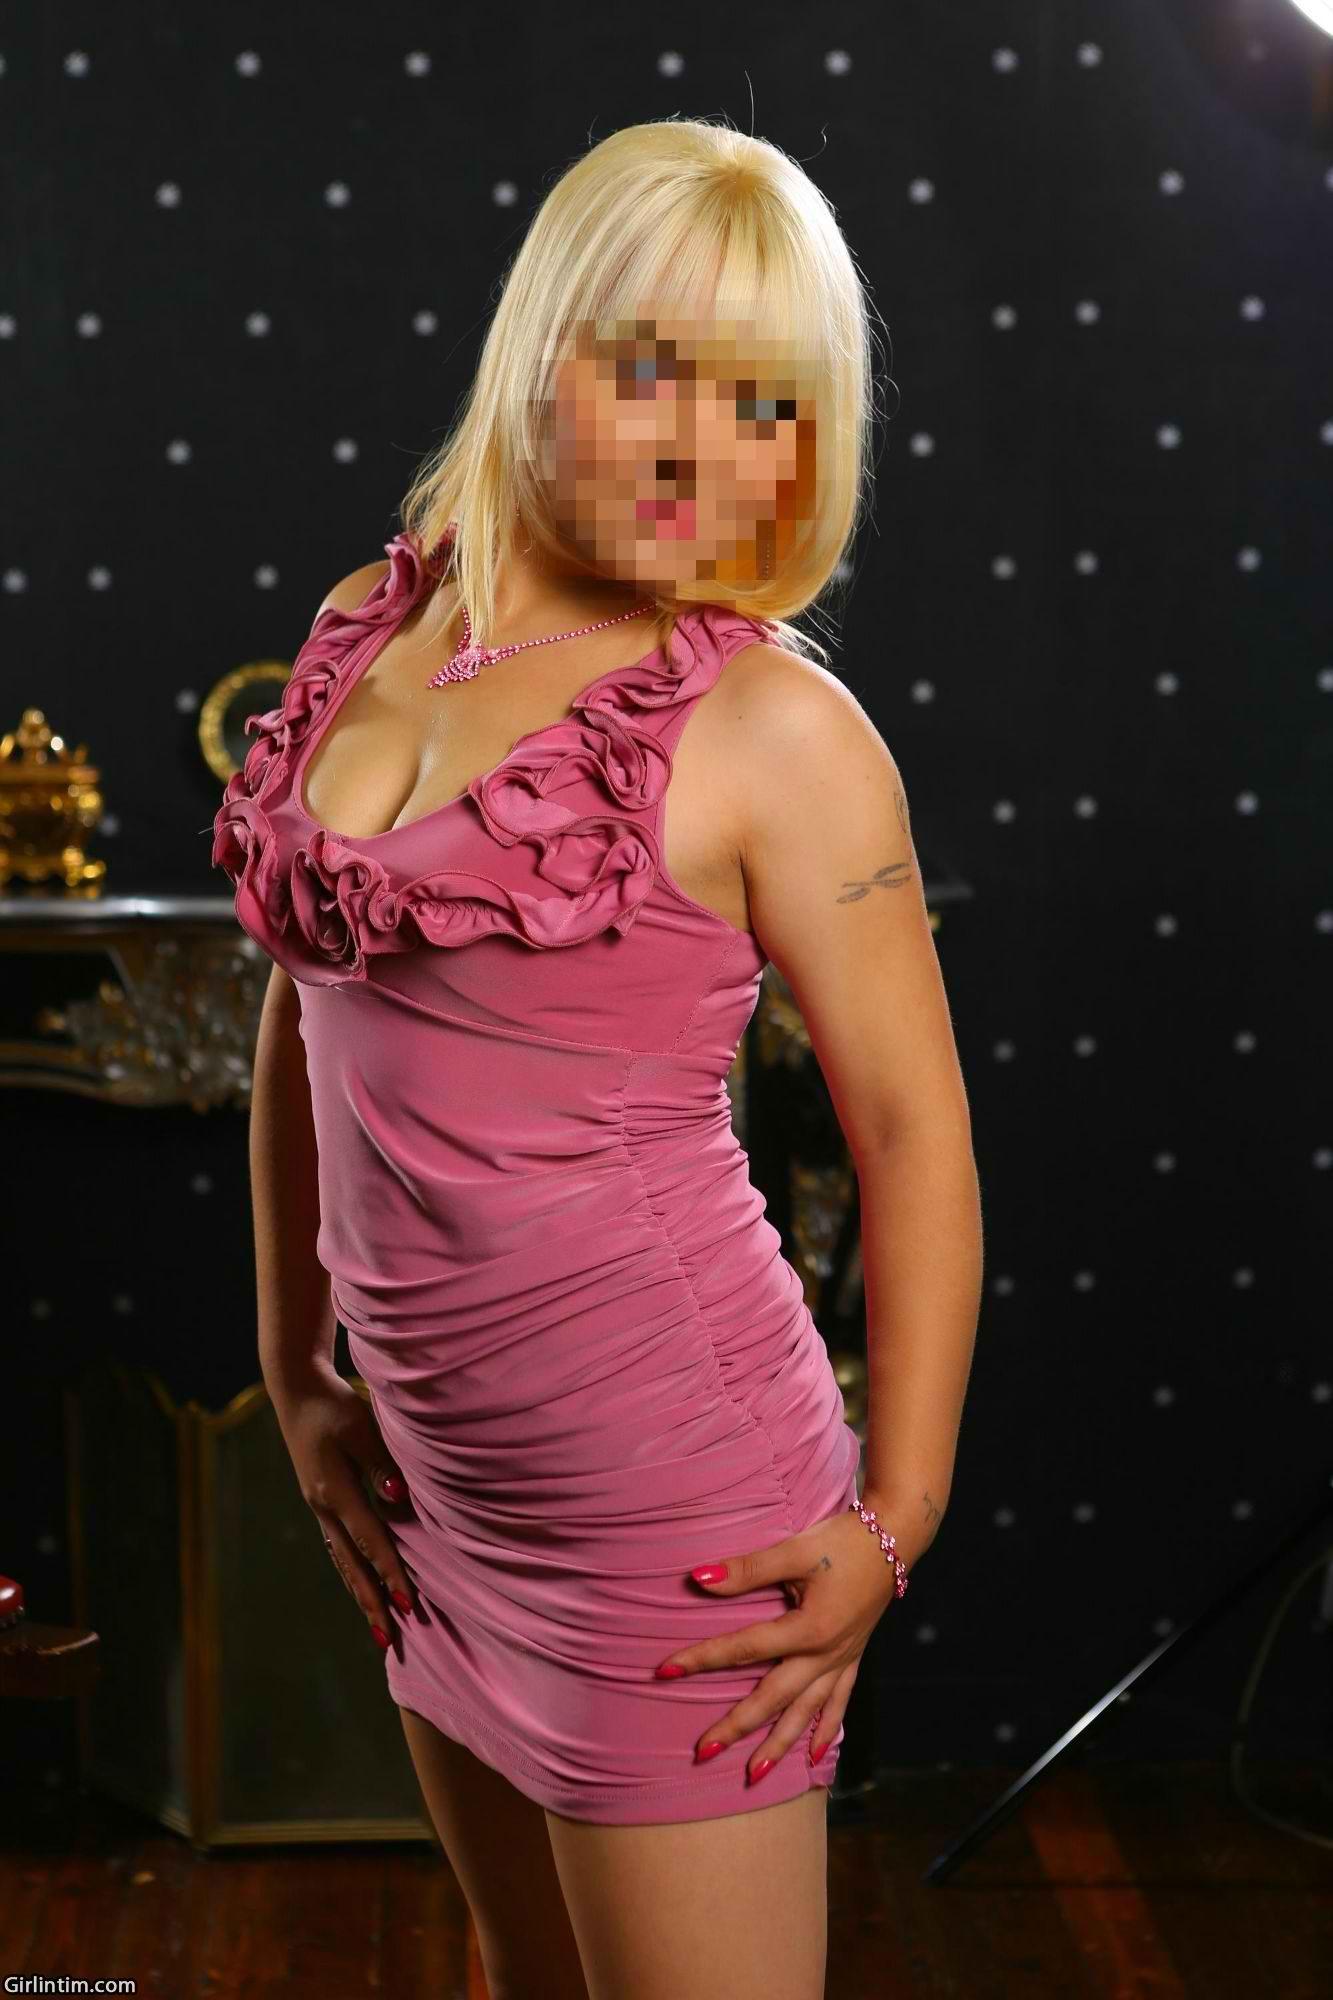 Секс досуг индивидуалки восточные девушки москва 24 фотография